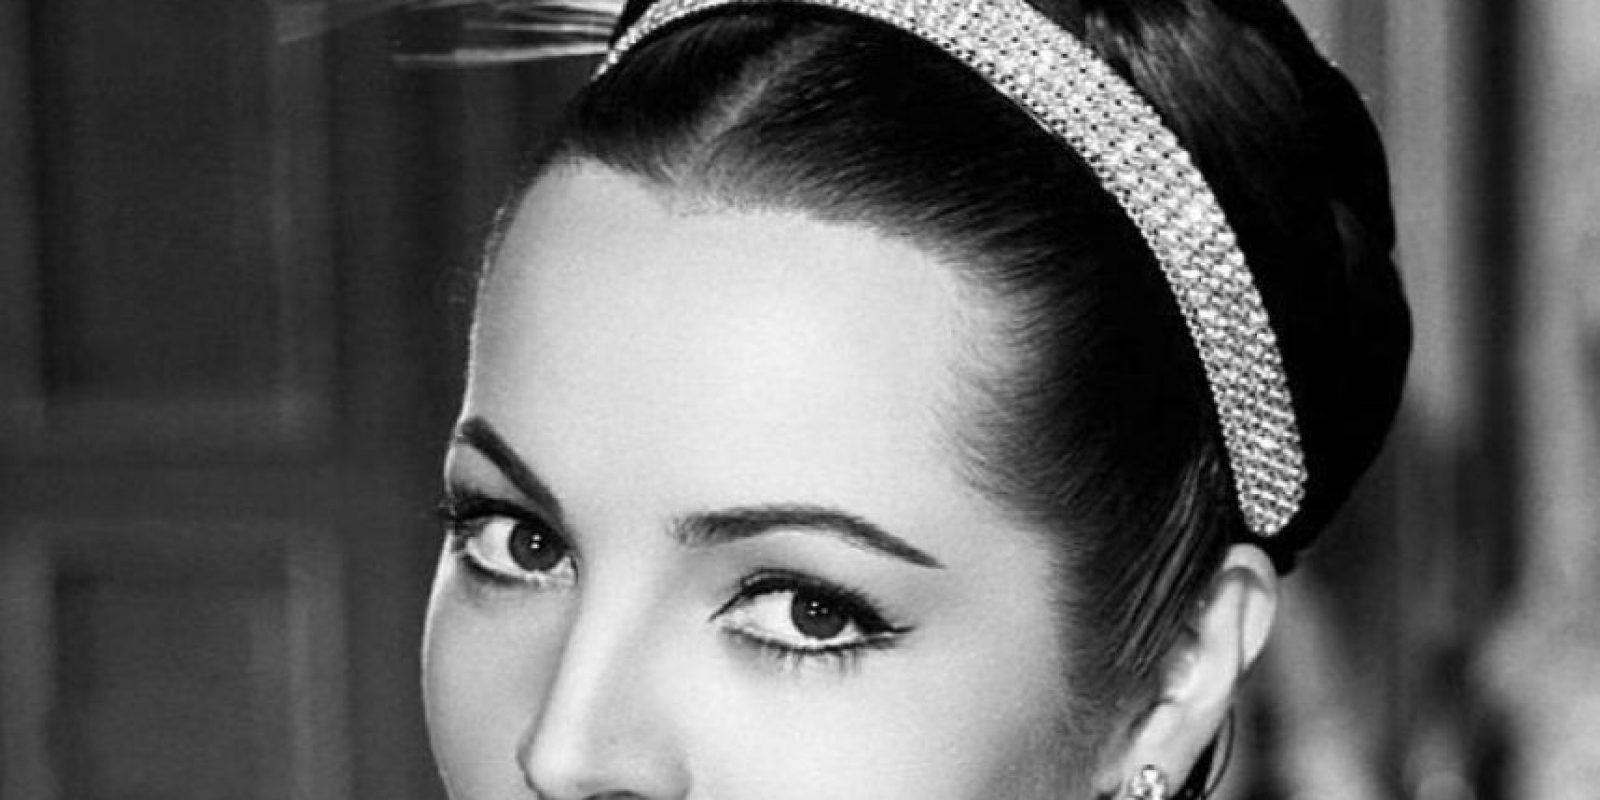 Fue una reputada actriz española avencidada en México. Falleció a los 71 años, en 1994, de cáncer pulmonar. Foto:El Chavo Wiki